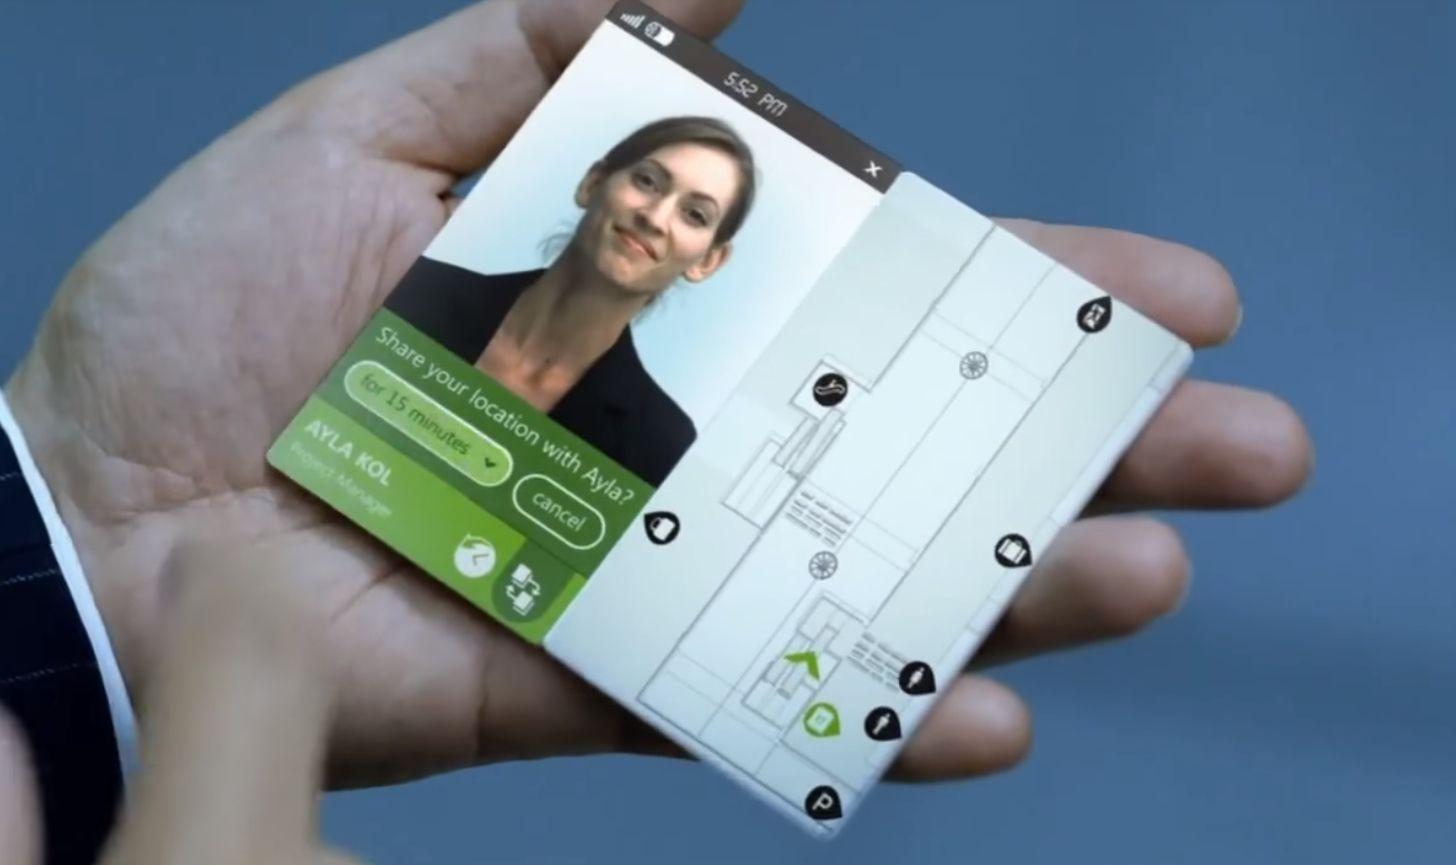 三星抢先后,苹果还会推出可折叠 iPhone 吗?